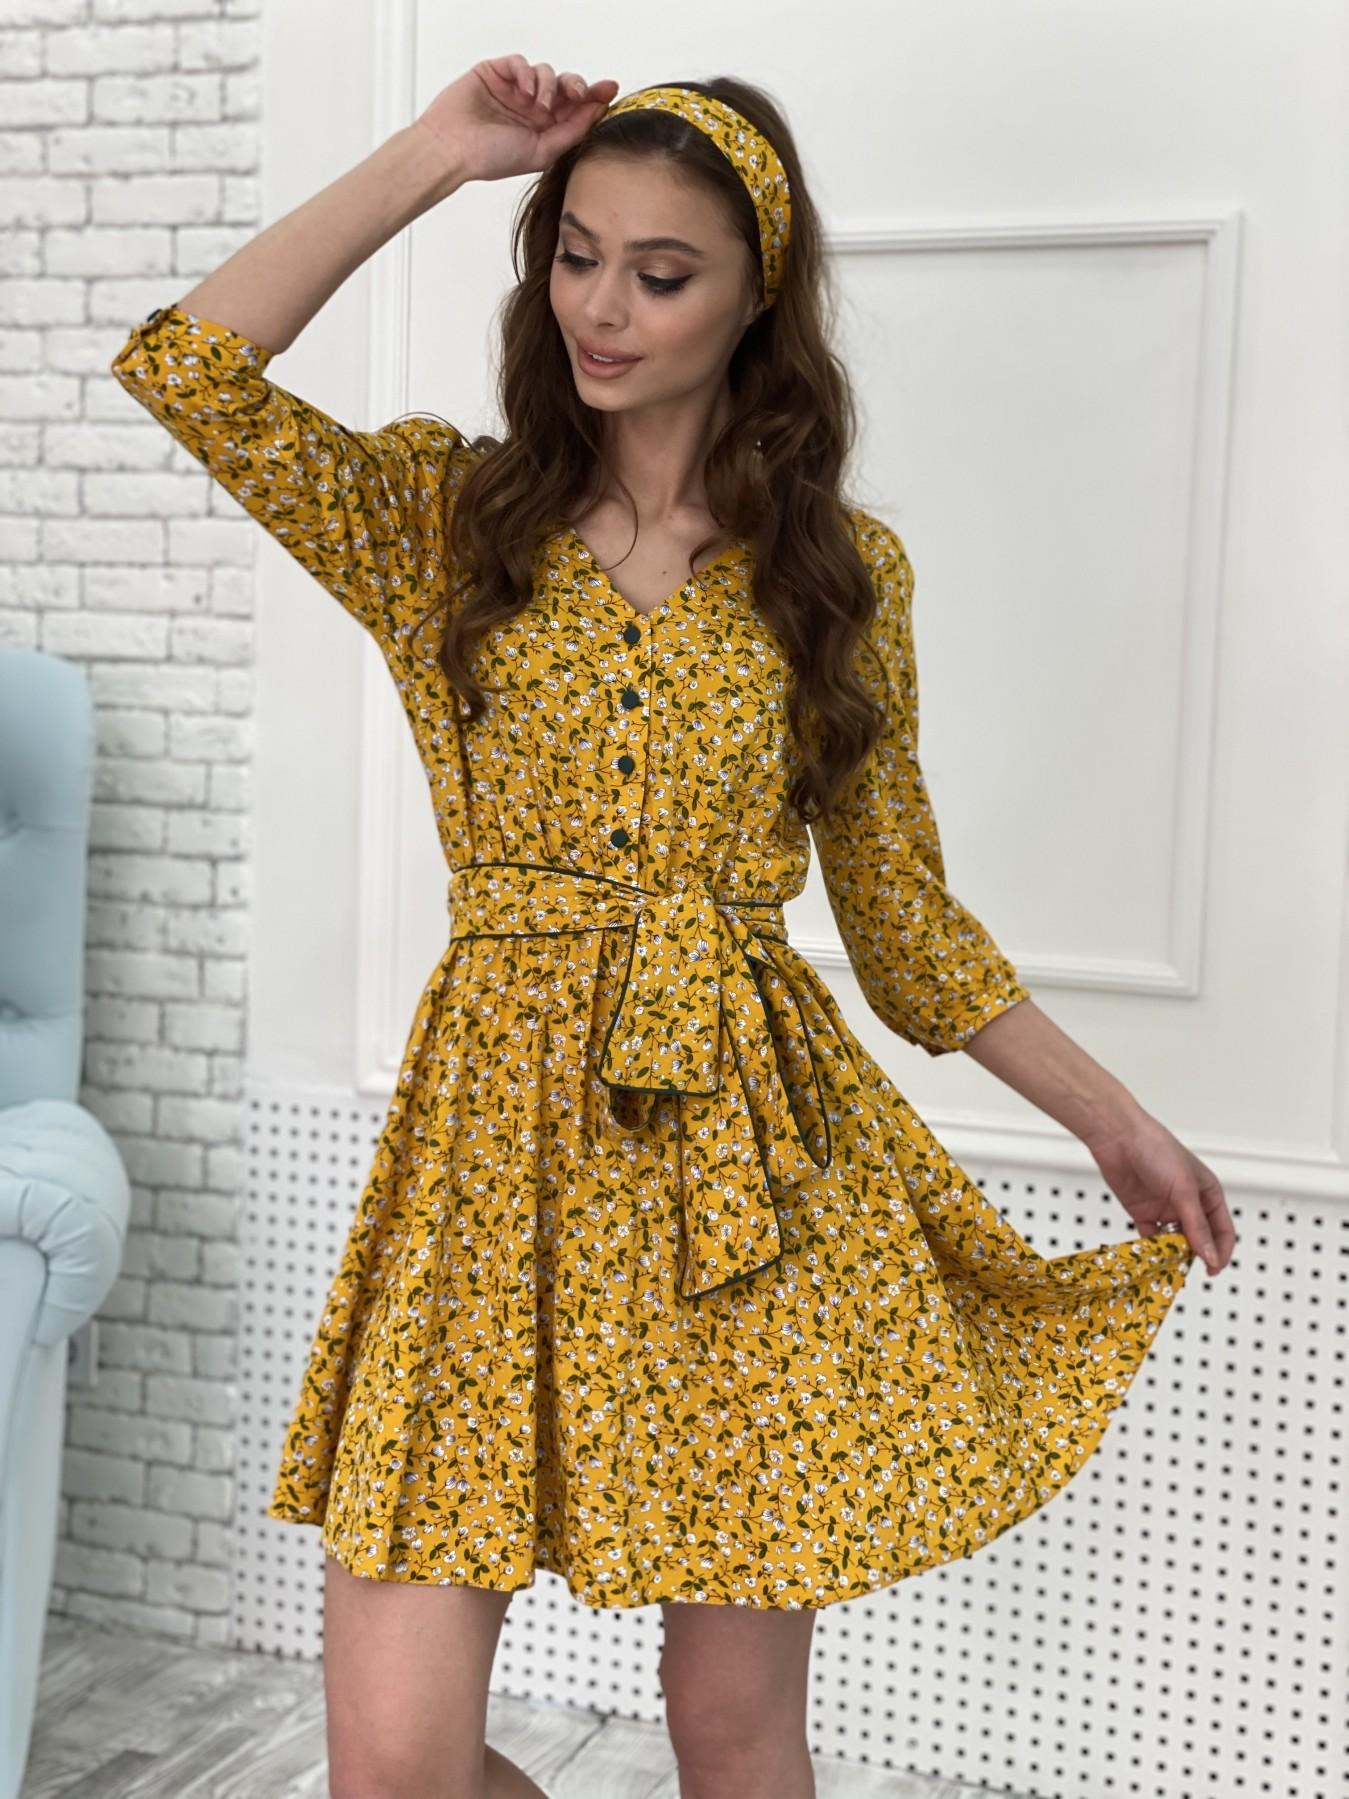 Джейн костюмка штапель принт платье 10881 АРТ. 47352 Цвет: Цветы мел горч/бел/гол - фото 4, интернет магазин tm-modus.ru